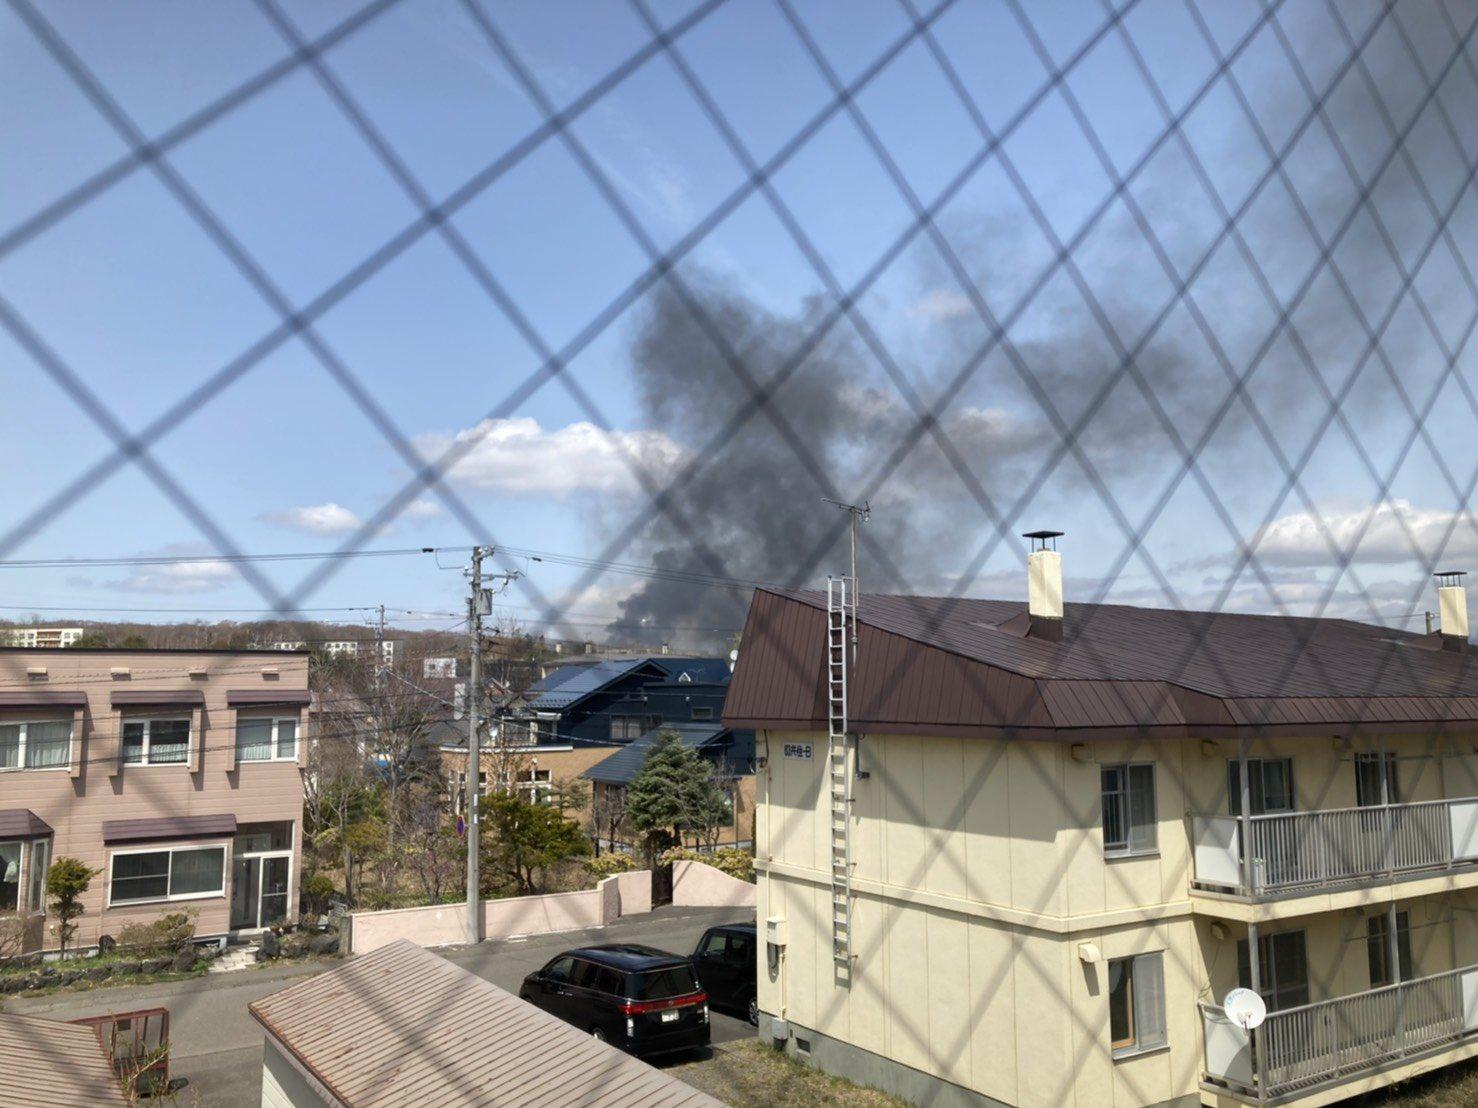 画像,苫小牧美園町火事結構燃えてるけど大丈夫かな#苫小牧火事 https://t.co/pwOQVn7odw。